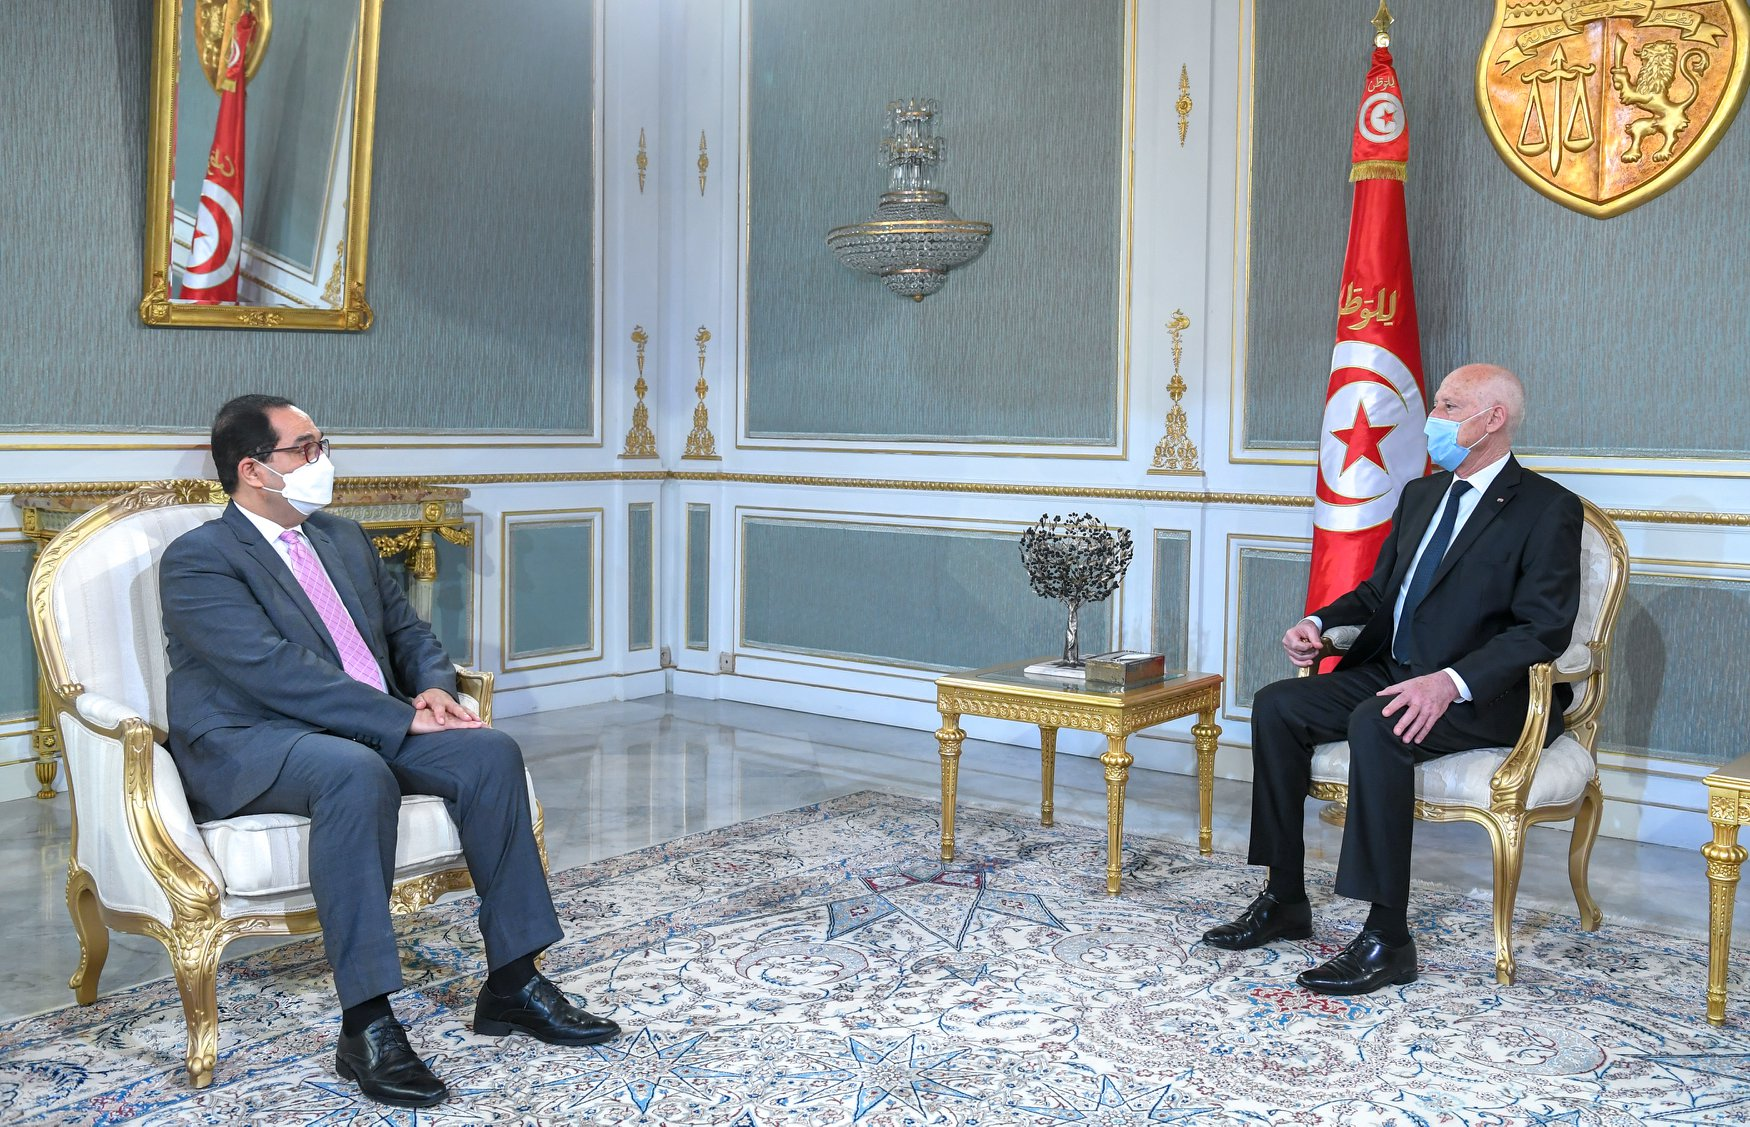 قيس سعيّد يستقبل رئيس الهيئة الوطنية لمكافحة الفساد